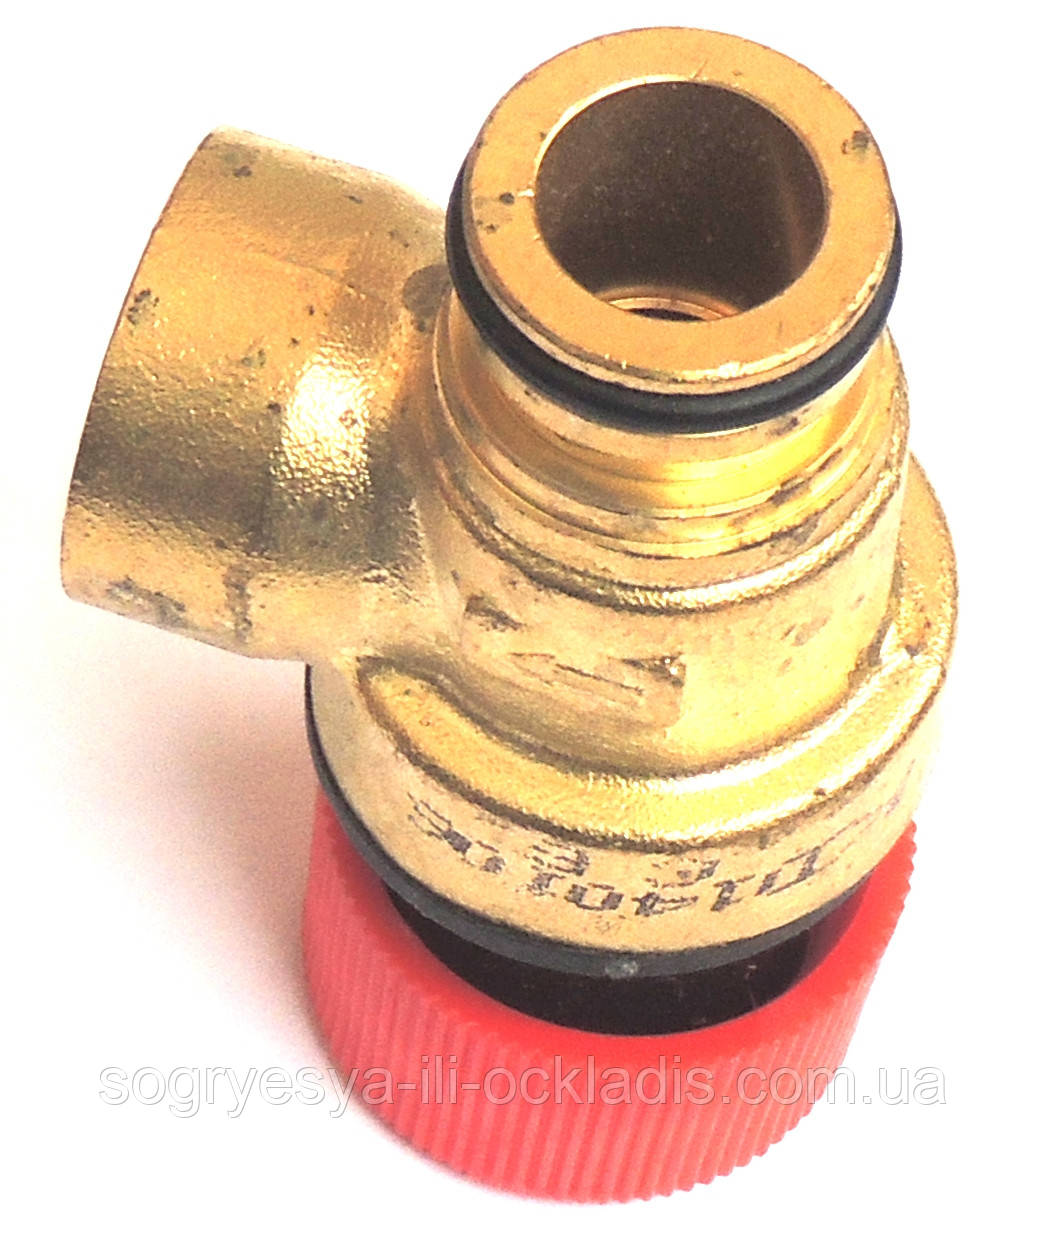 """Клапан безопасности 3 бара (взрывной, предохранительный под """"клипсу"""") Praga, Rocterm, код сайта 4078"""